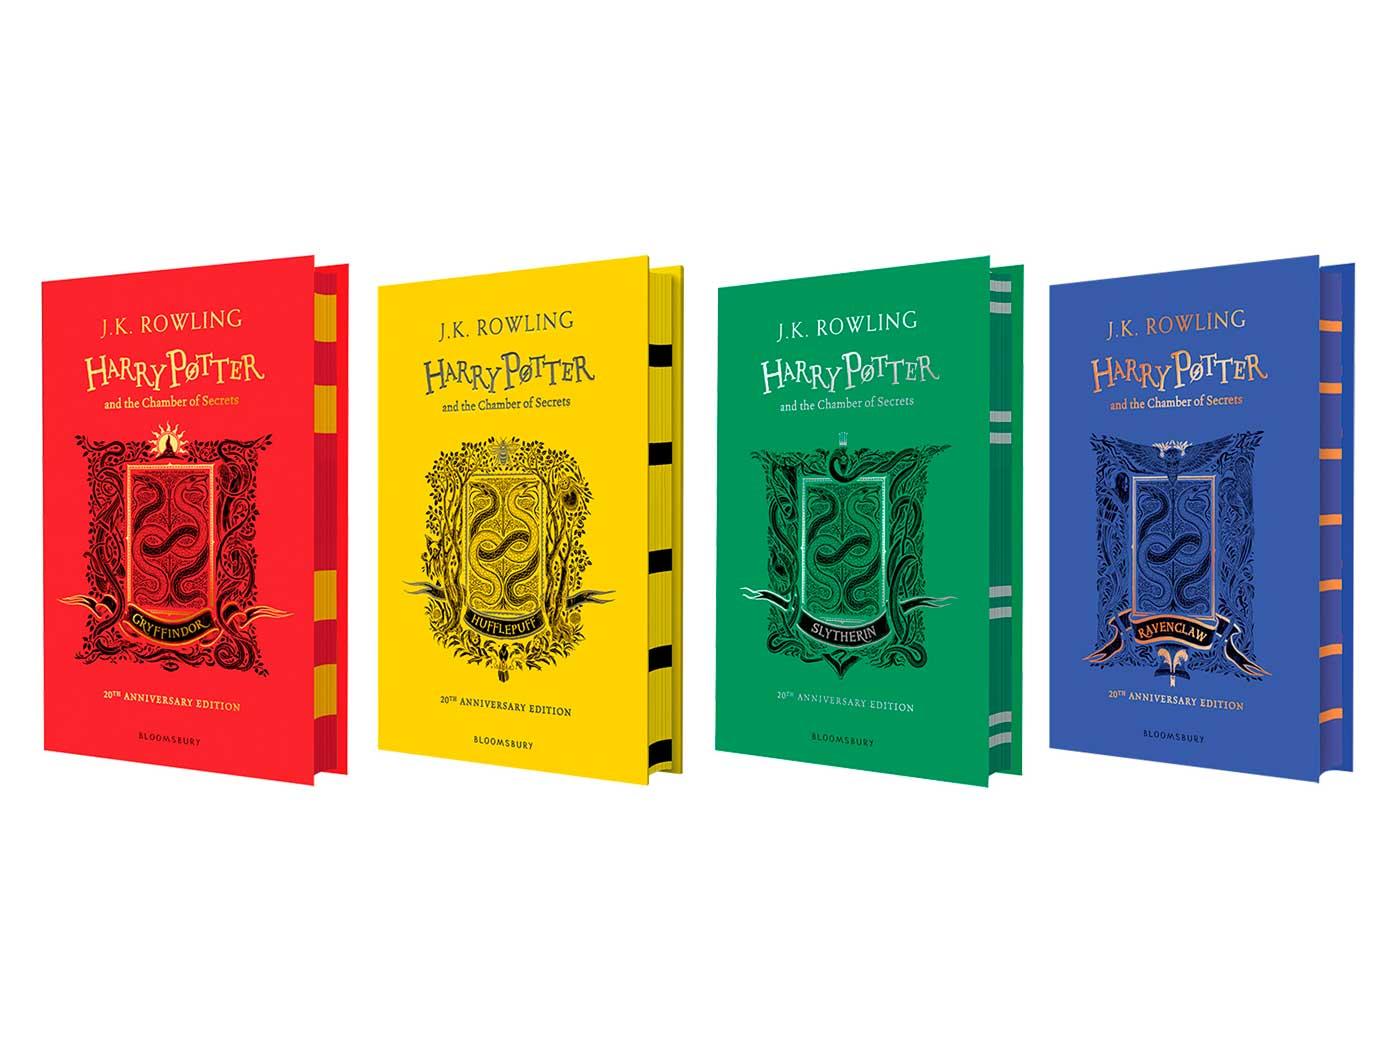 Edición 20° Aniversario Harry Potter y la Cámara Secreta